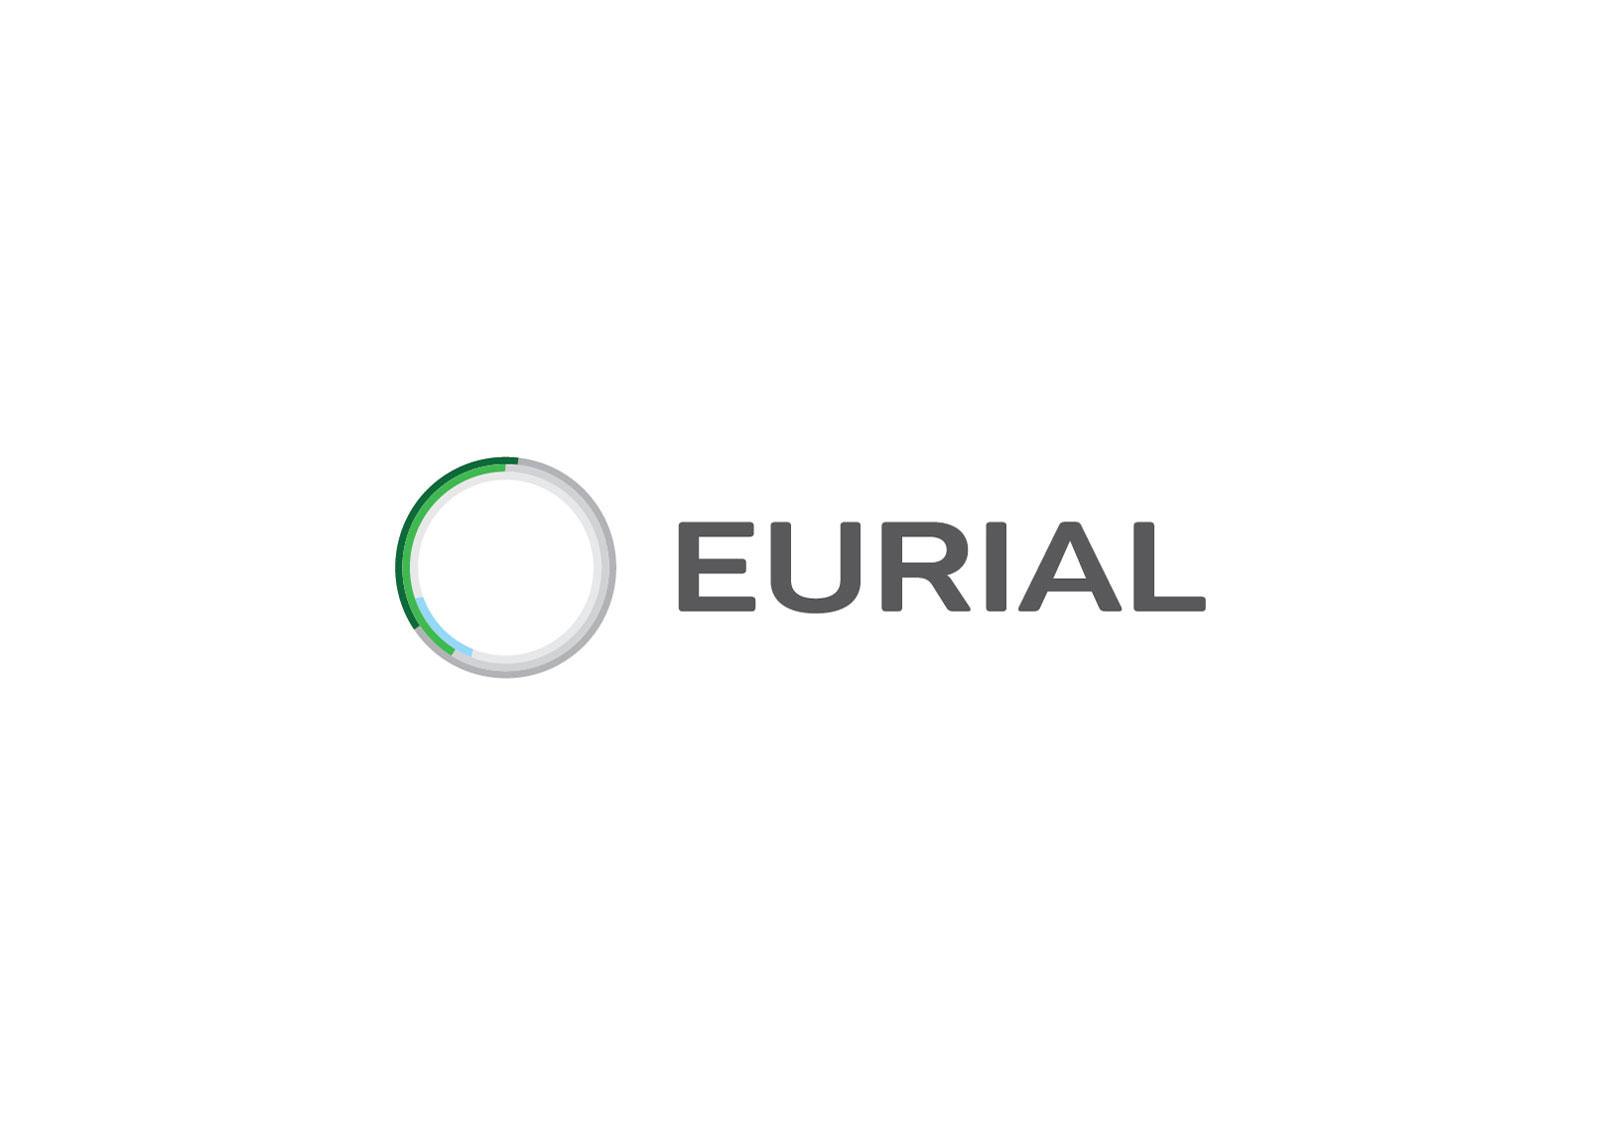 eurial branding logo alb